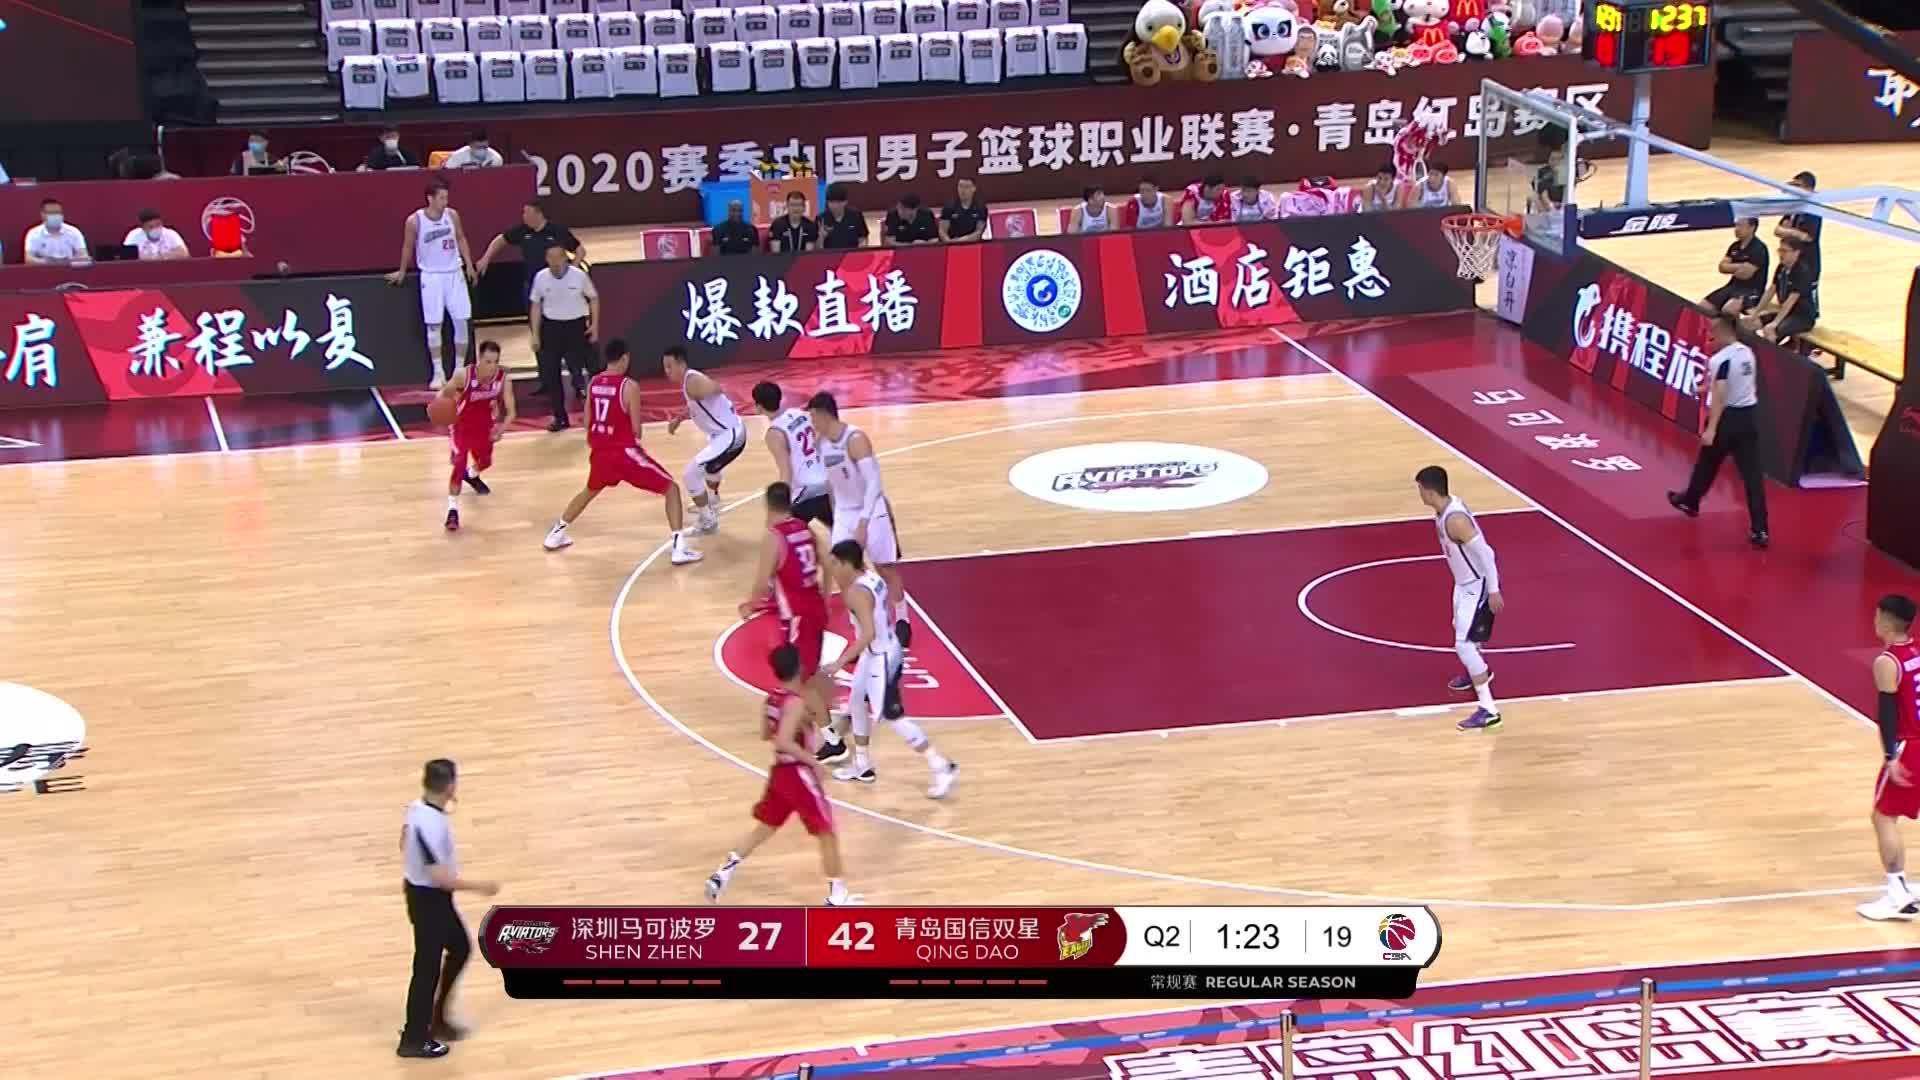 绝不手软!@青岛国信双星篮球俱乐部 球员王庆明右侧45度接球……